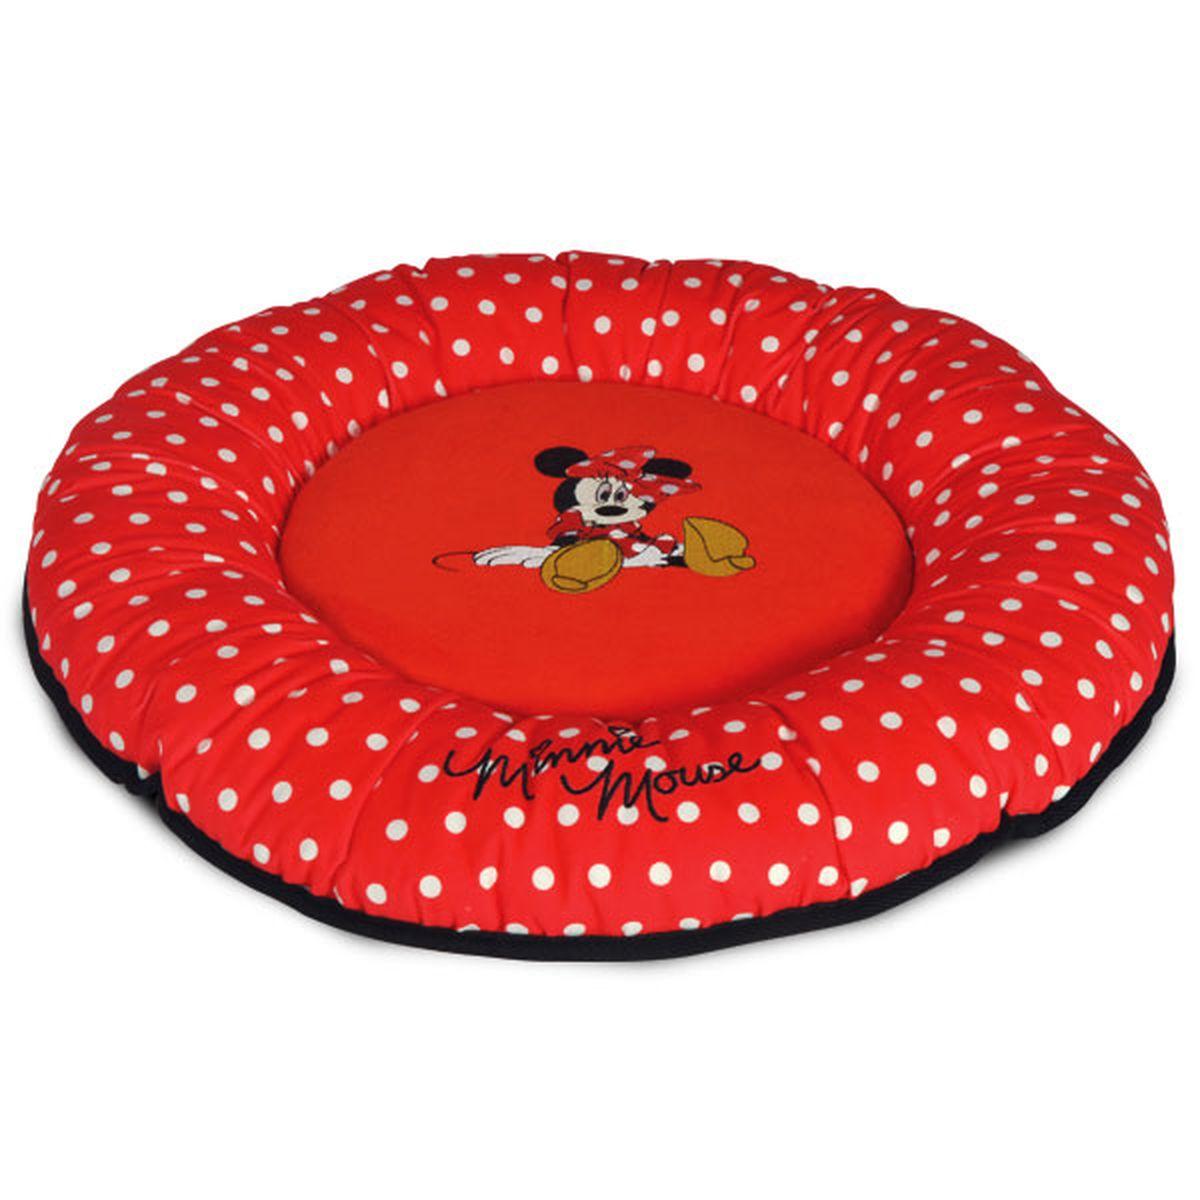 Лежанка Triol Disney Minnie-2, 50 х 50 х 7 смWD3010Лежанка из мягкого велюра с изображением известного персонажа DISNEY Minnie. Яркая и нарядная, модная во все времена ткань в горошек. Дно выполнено из водонепроницаемой ткани черного цвета. Этот тип лежанок рекомендуется собачкам и кошкам, которые любят спать или валяться, вытянув лапы, - она не имеет высокого бортика, стесняющего свободу движения питомца. Лежанка поставляется в полипропиленовом пакете на молнии с веревочными ручками, который в дальнейшем удобно использовать для хранения. Компактная складная лежанка с покрытием из мягкого велюра с изображением известного персонажа DISNEY. Дно выполнено из водонепроницаемой ткани.